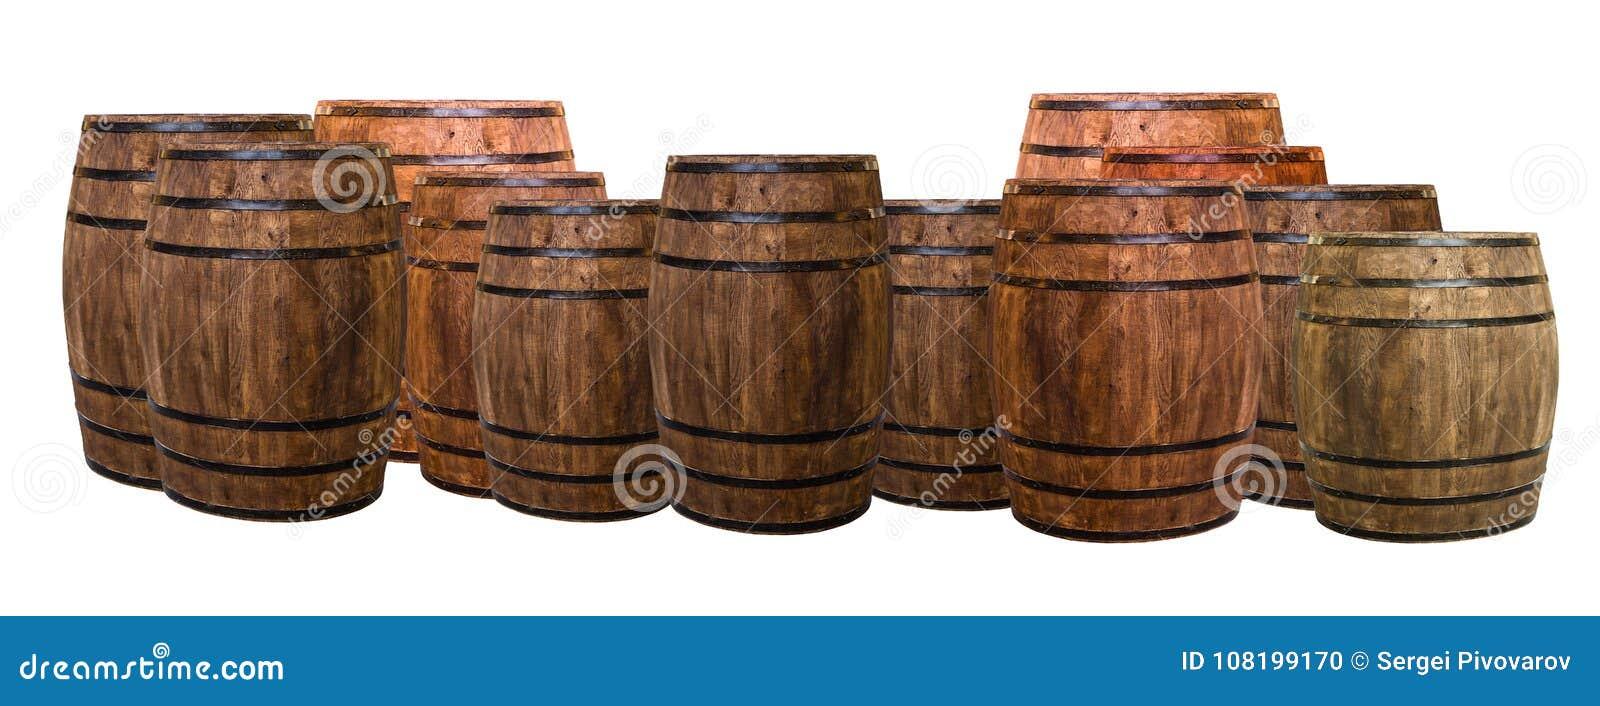 Gruppen för fatet för många ektrummor som isoleras på en vit bakgrund, exponering och, kommer med smaken av vin